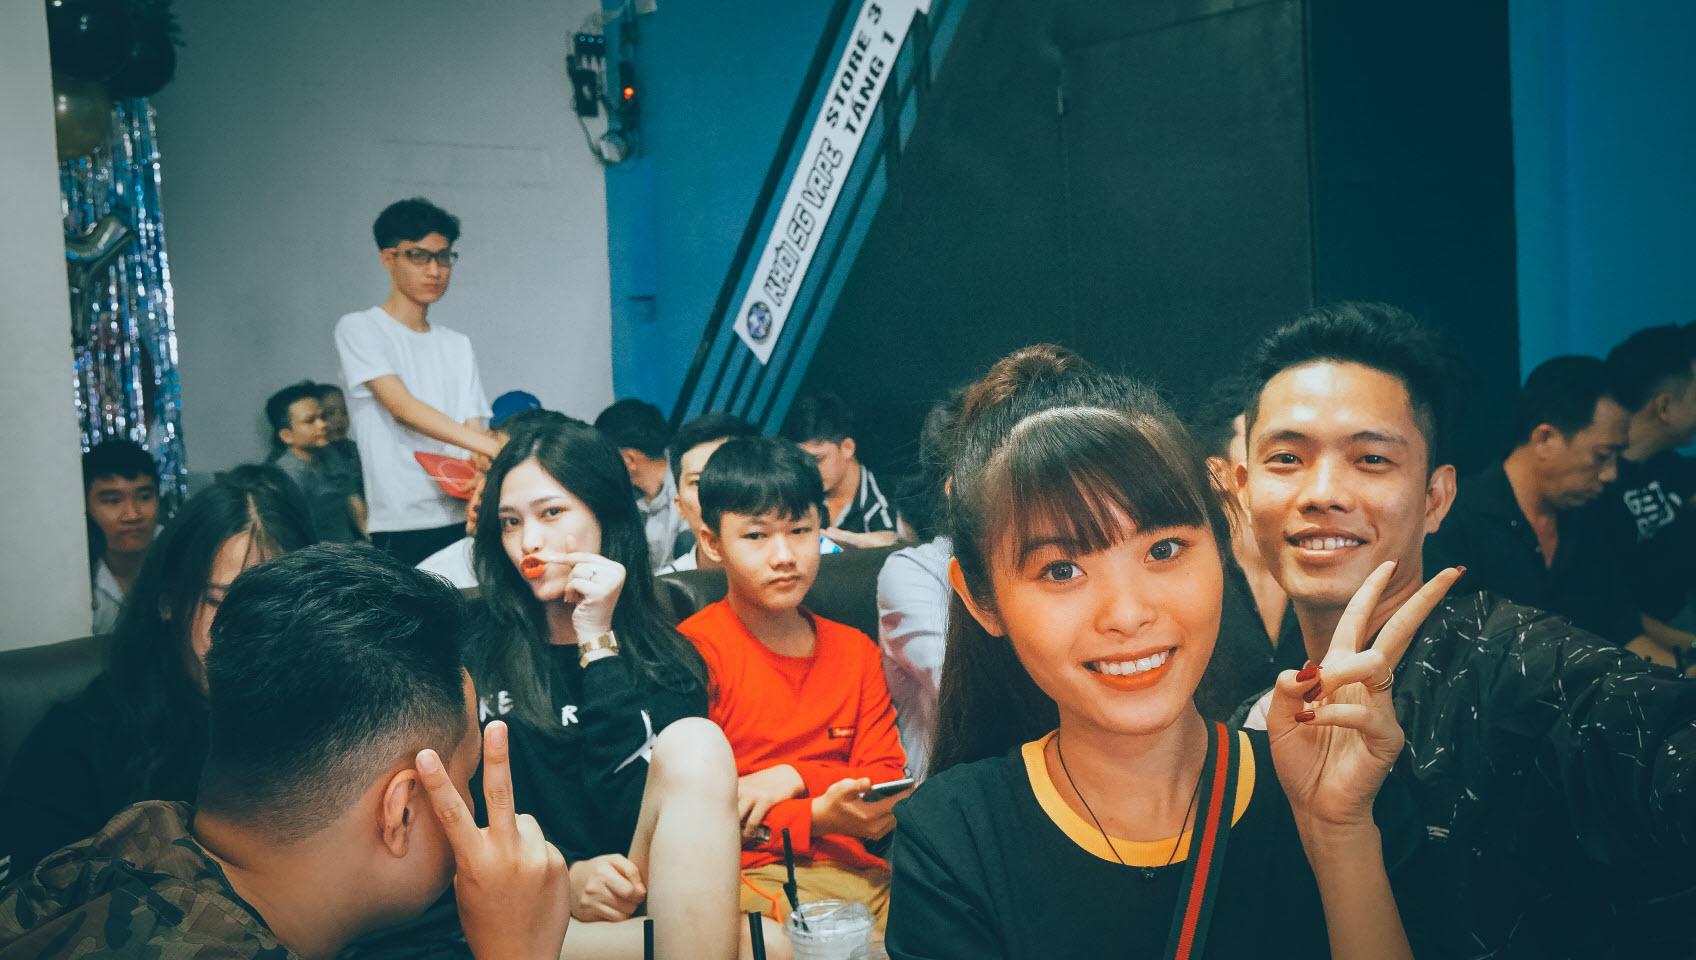 Cộng đồng Rules of Survival tổ chức offline mừng sinh nhật tại Hồ Chí Minh 15